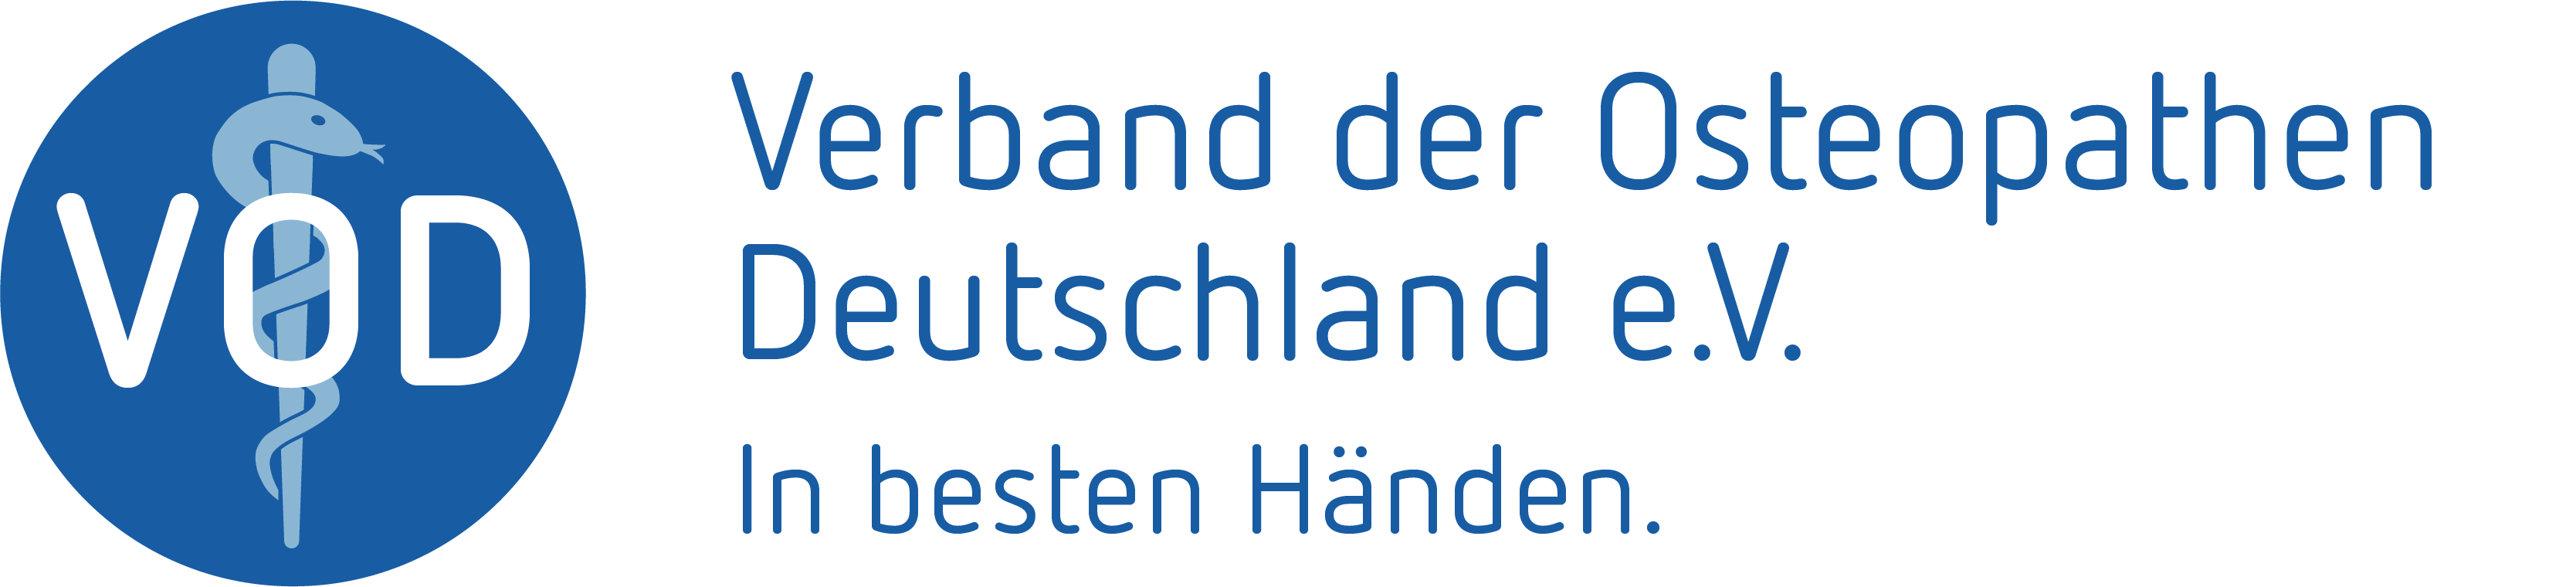 VOD, Verband der Osteopathen Deutschland e.V.